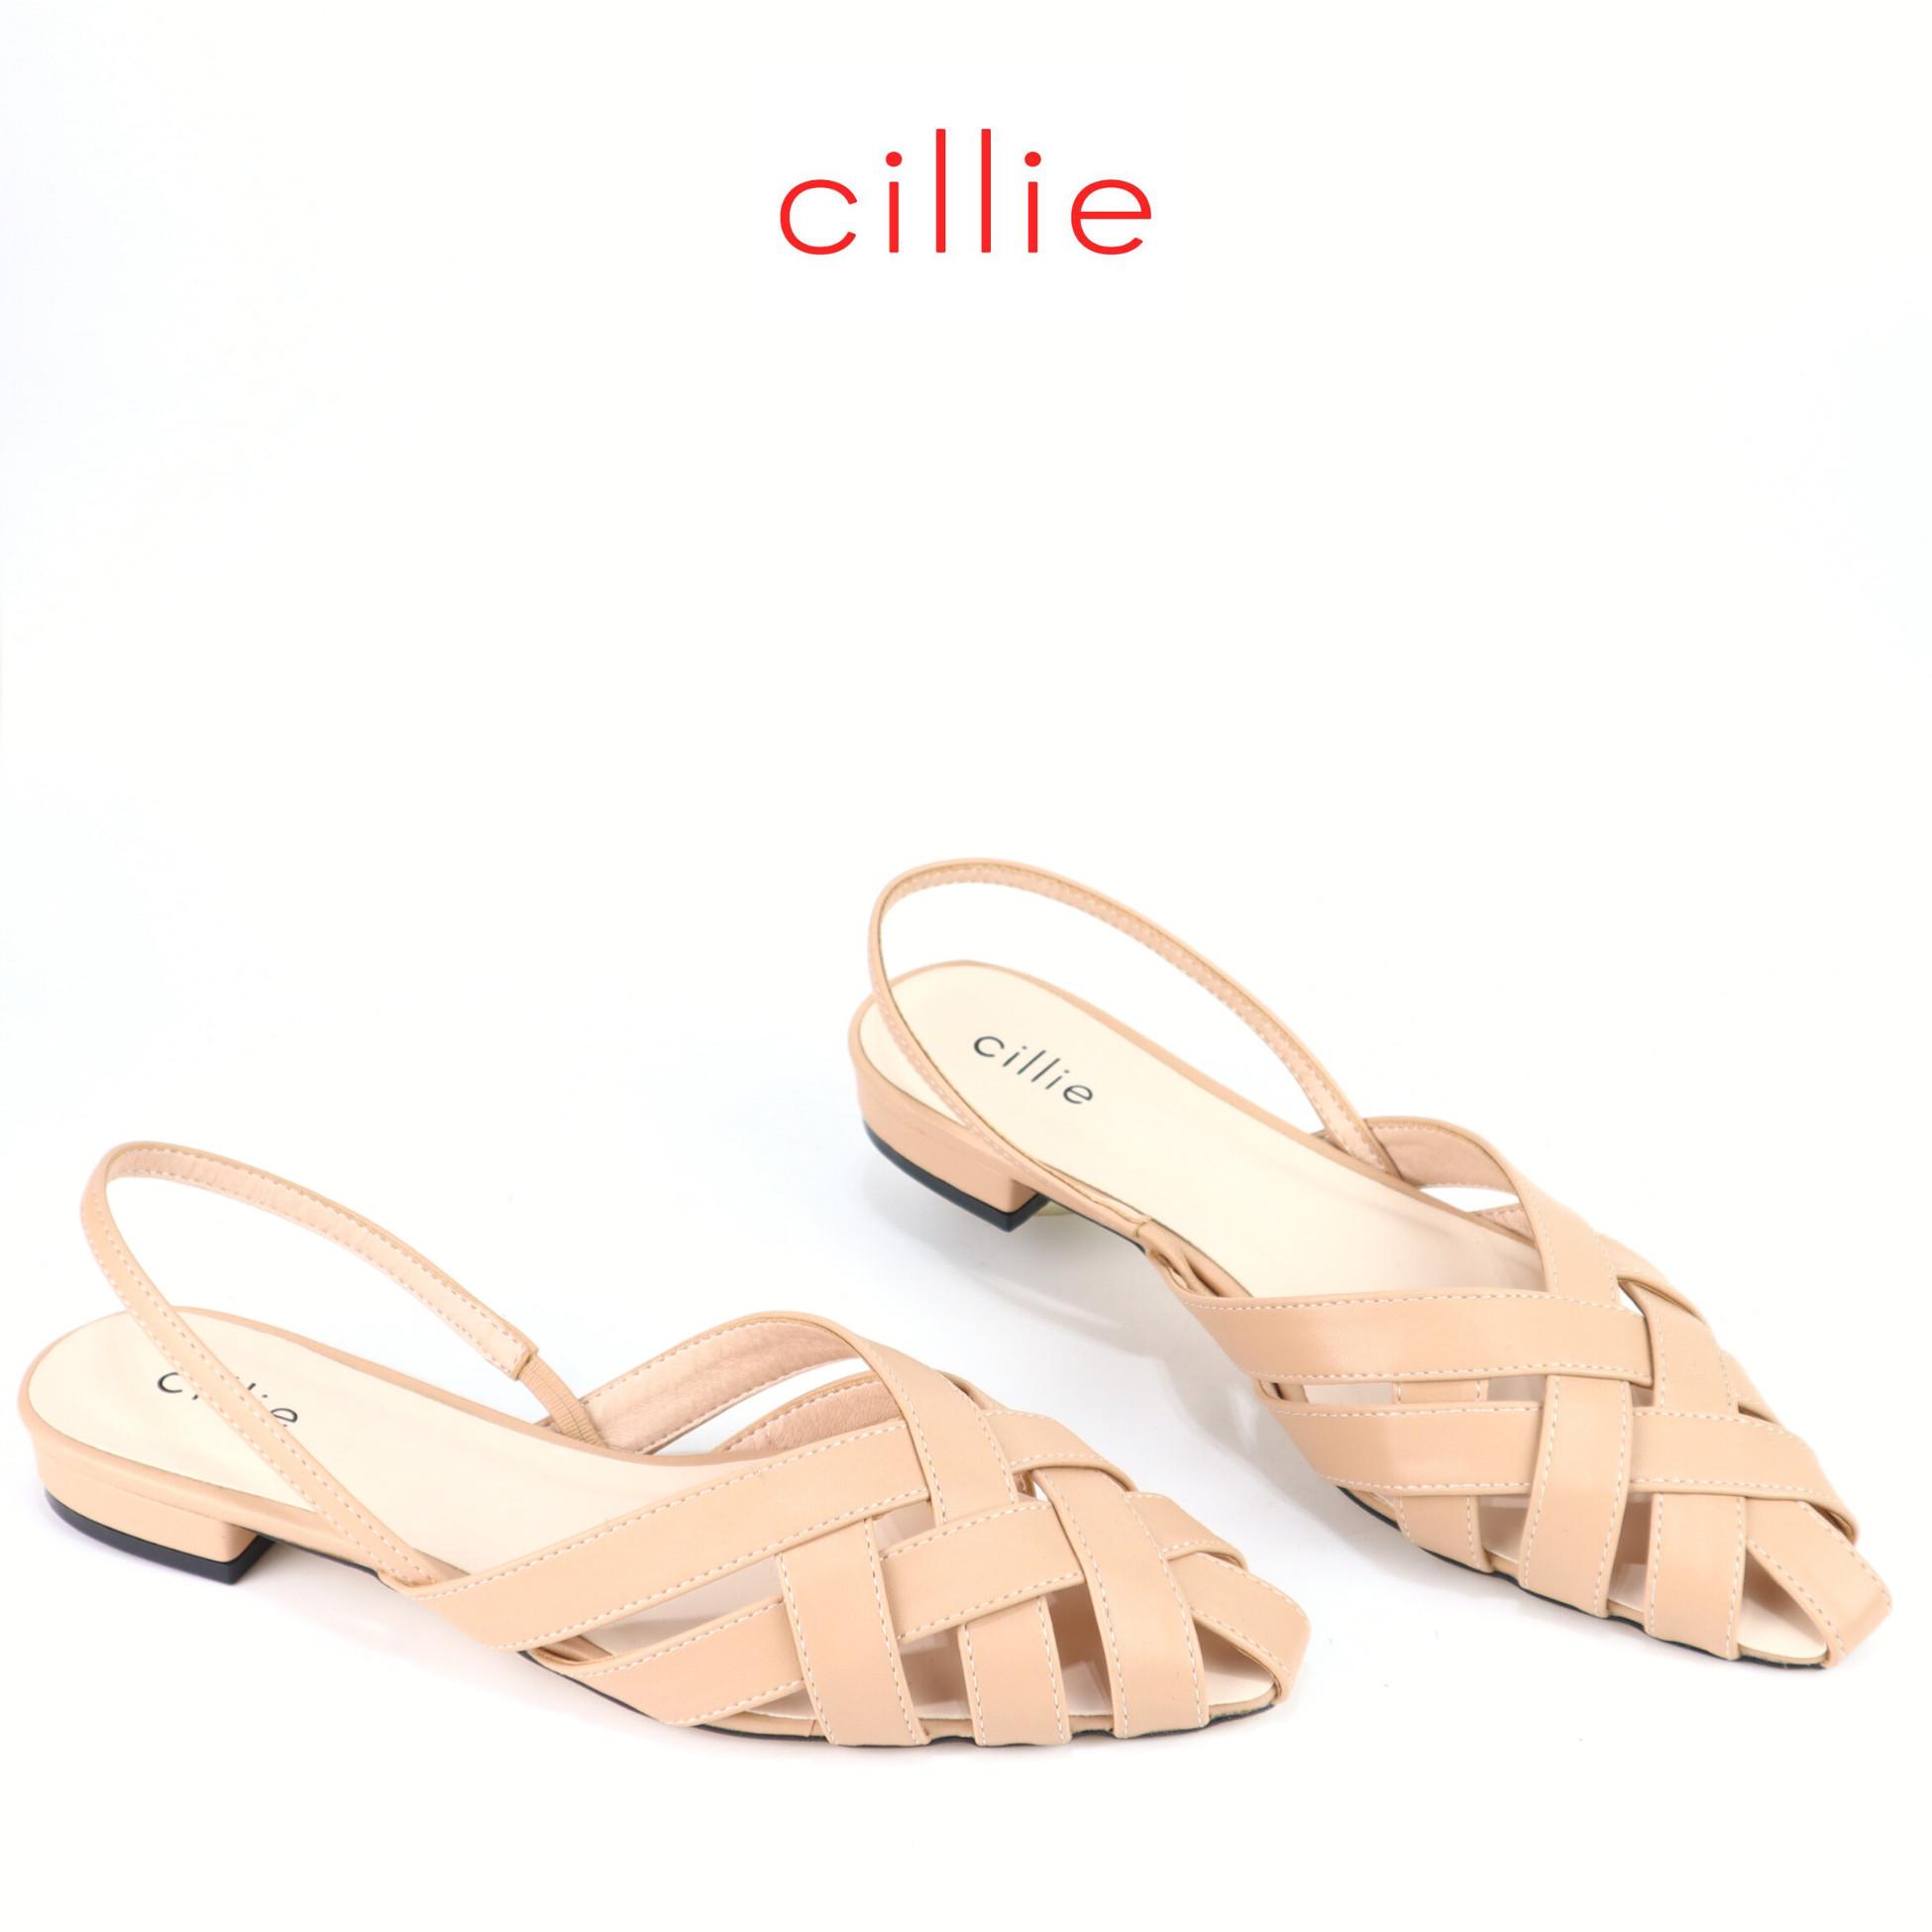 Giày sandal rọ Cillie cao 2cm 1179